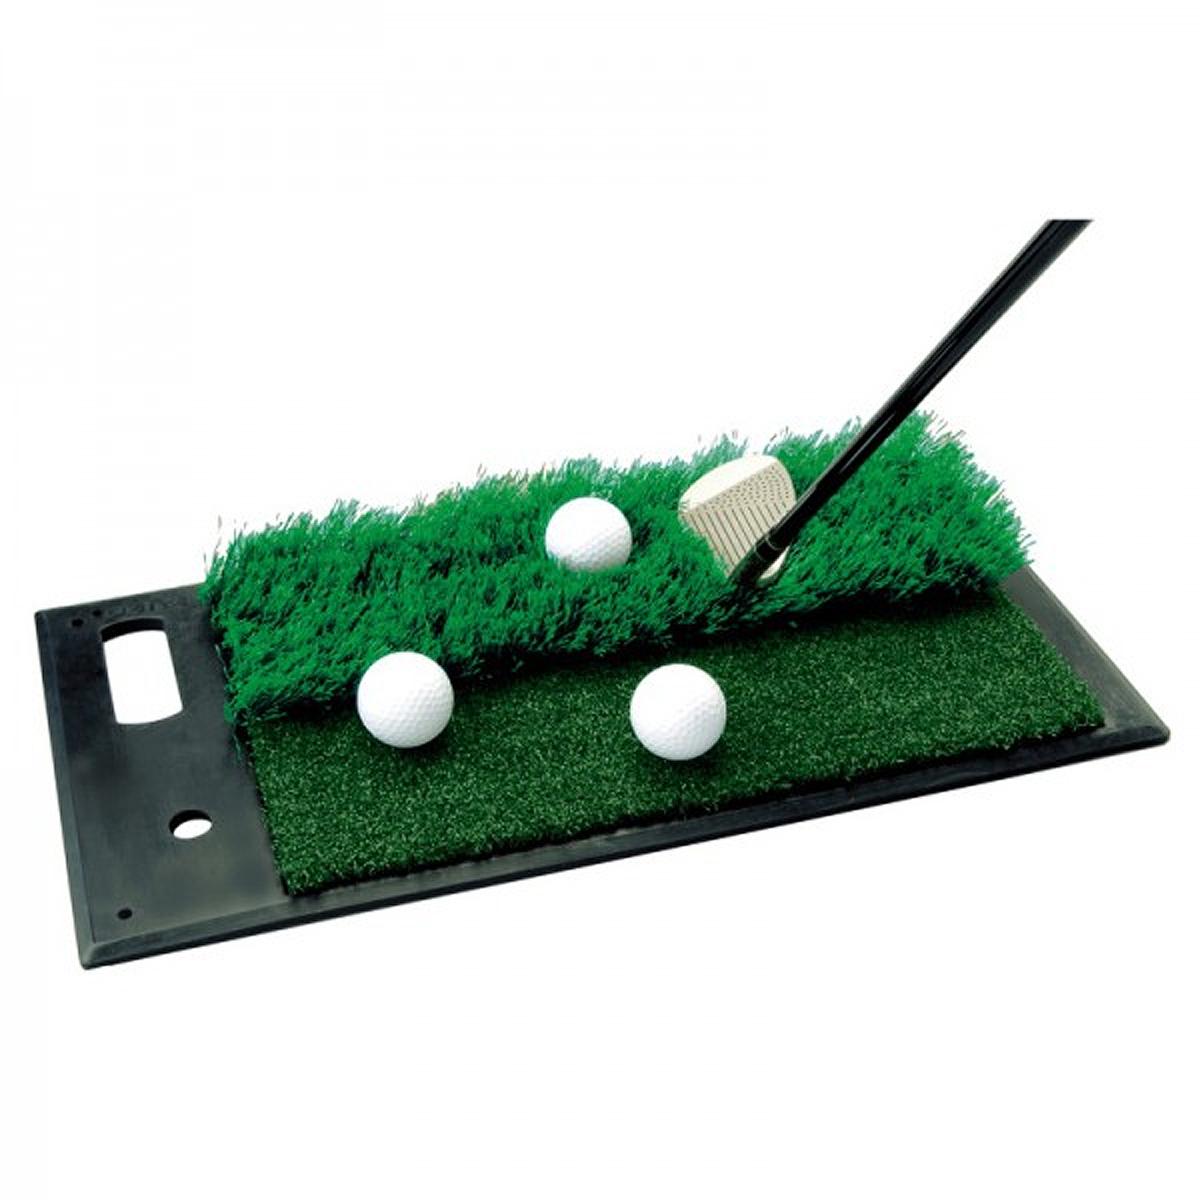 本格グリーンマット 日本製 DAIYA GOLF ダイヤゴルフ 日本正規品 アプローチ用 ゴルフアプローチ練習用品 人気商品 2WAY実戦練習マット TR-408 あす楽対応